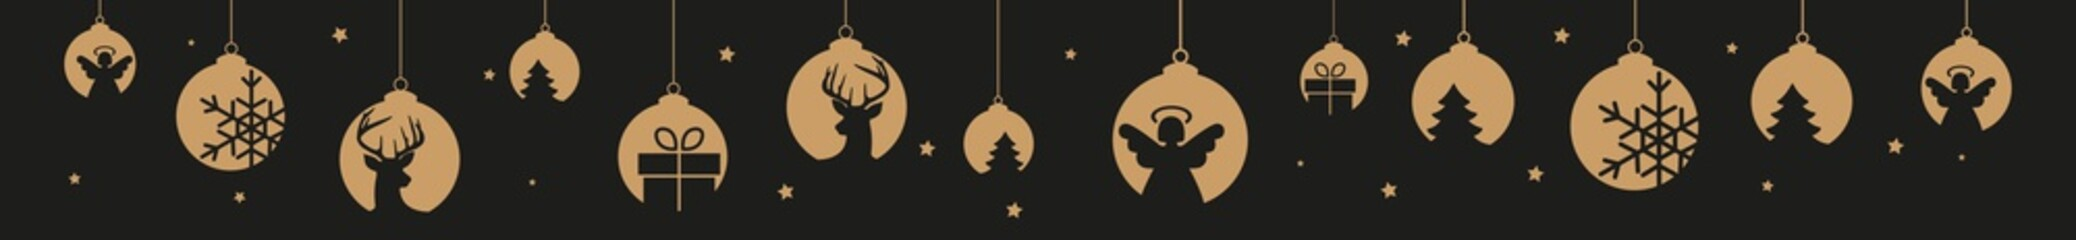 goldene Christbaumkugeln und Sterne Header